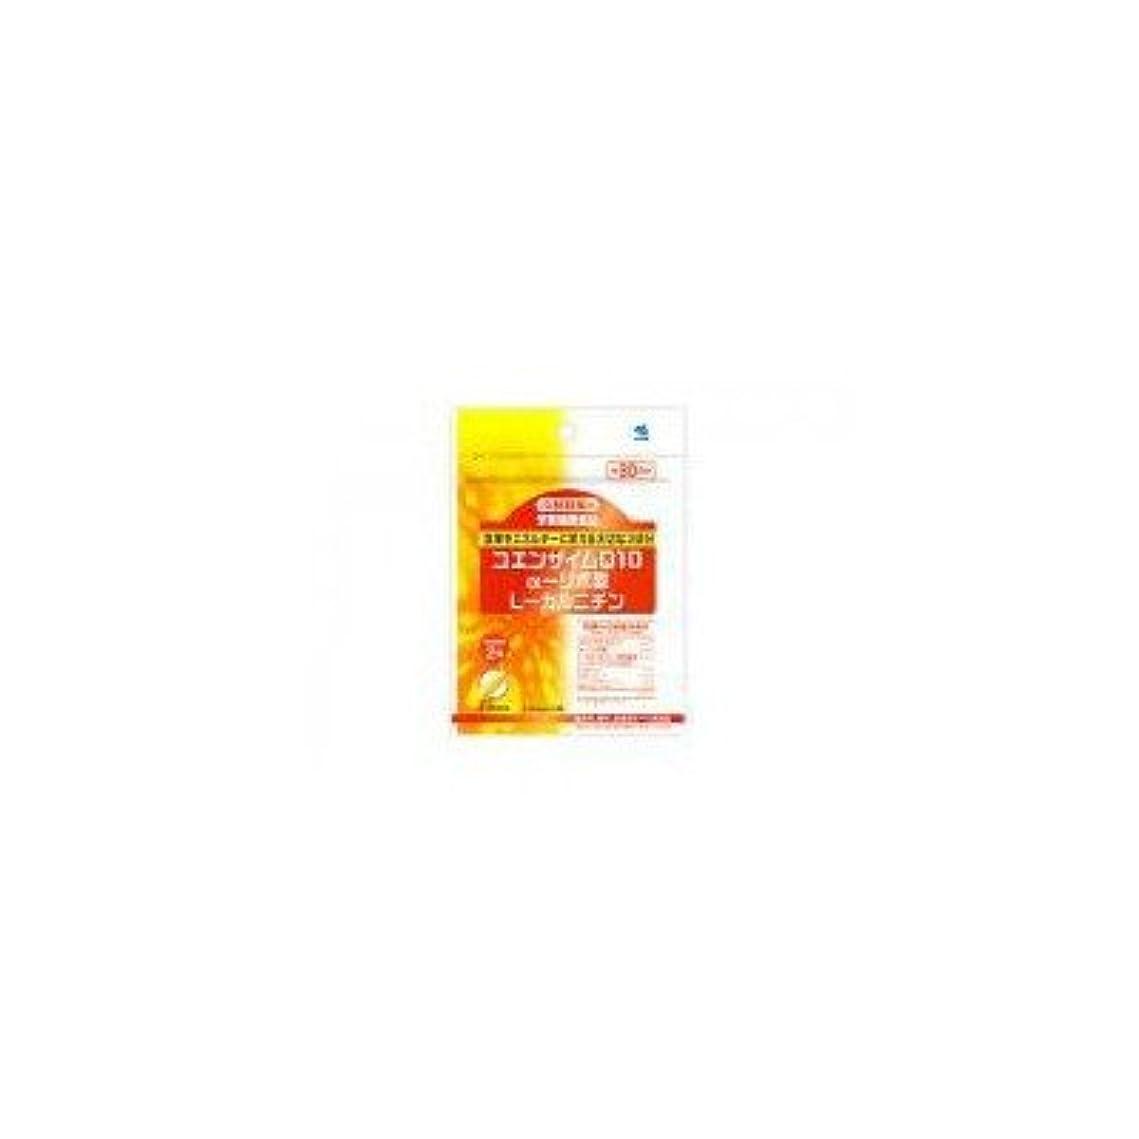 マグ初期の三角小林製薬の栄養補助食品 コエンザイムQ10+αリポ酸+Lカルニチン(60粒 約30日分) 4セット